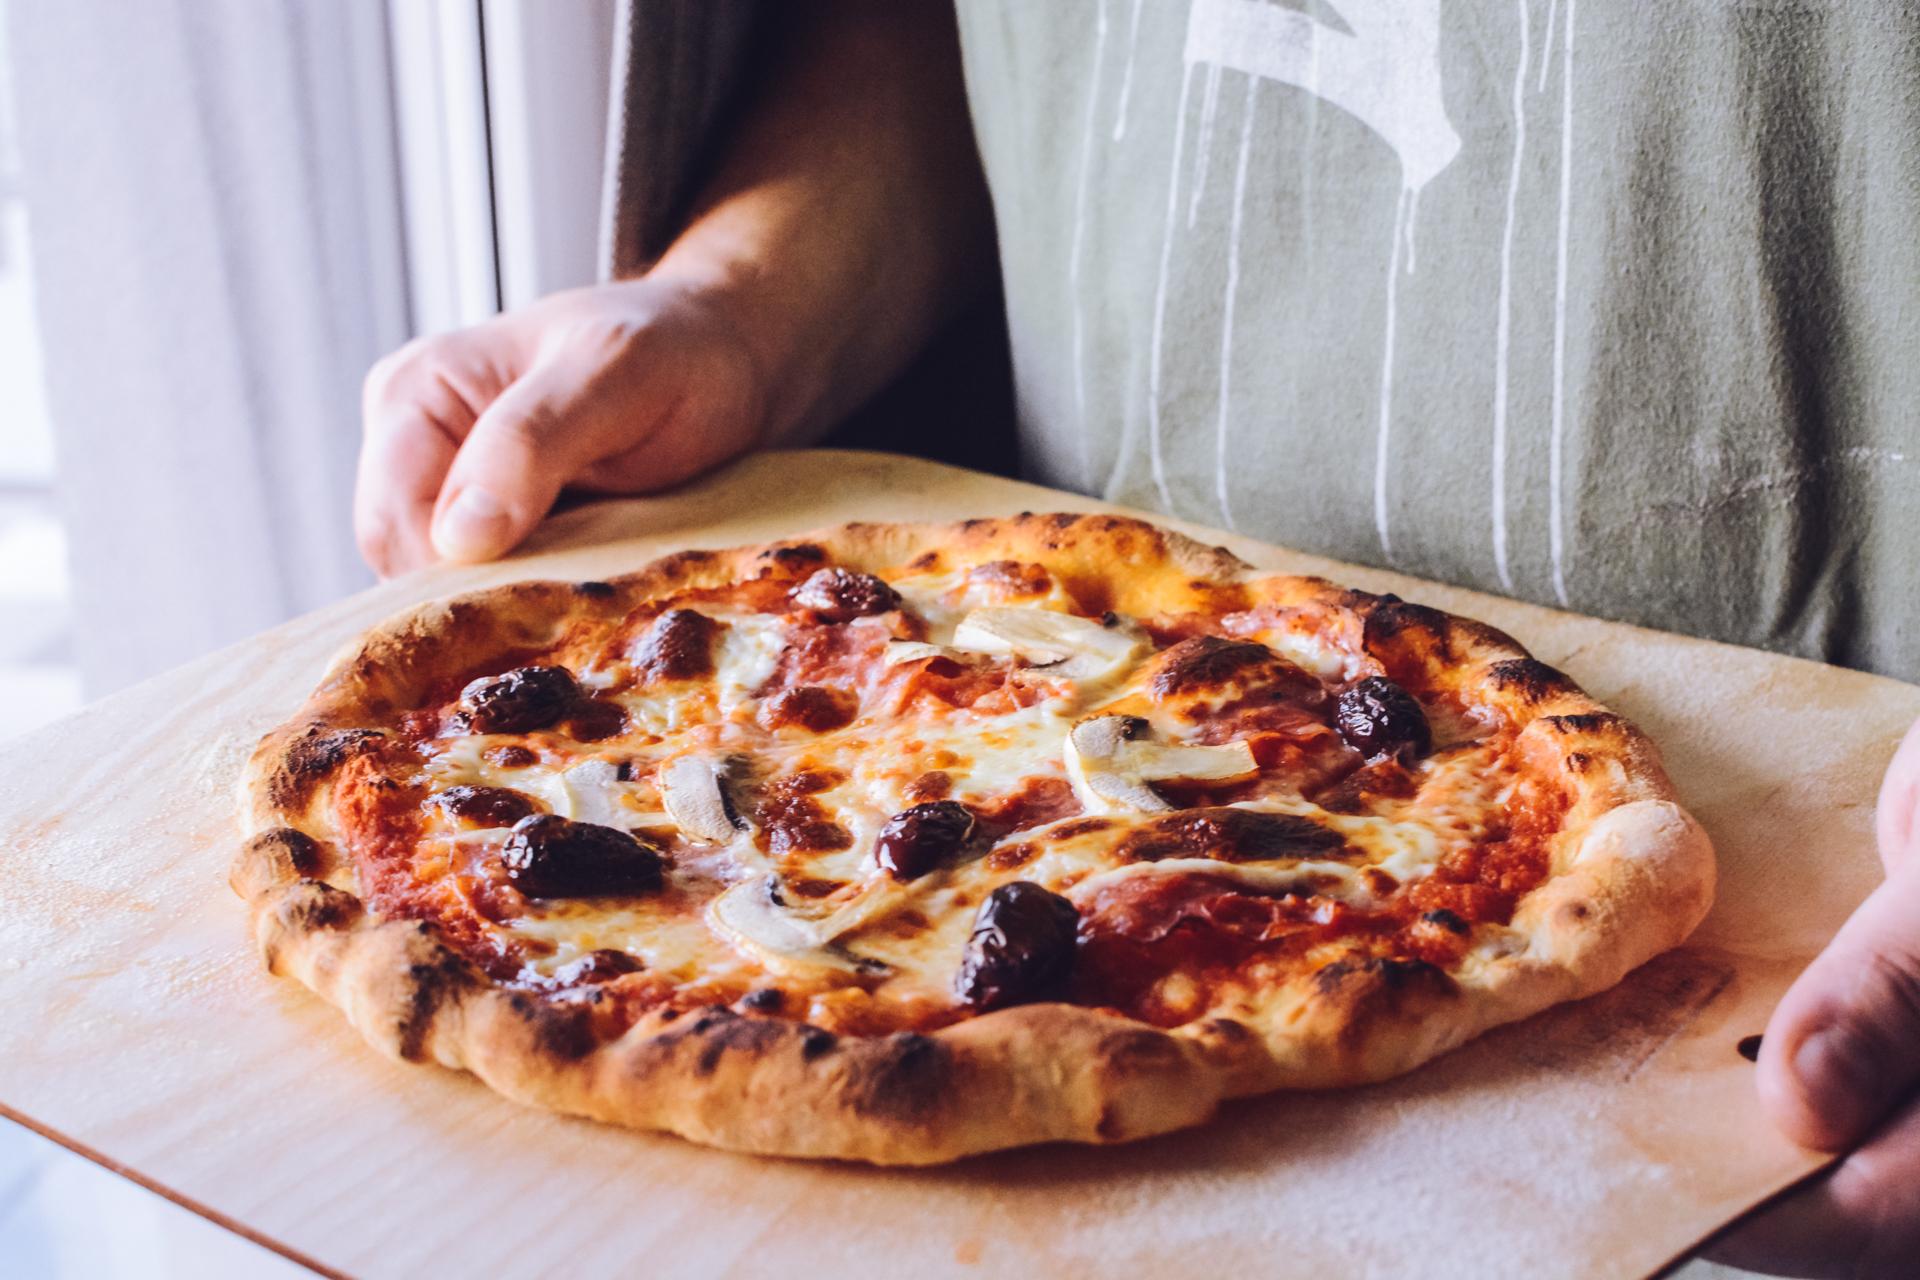 Łatwa pizza neapolitańska - prosta pizza włoska - najlepsza w domowym piekarniku